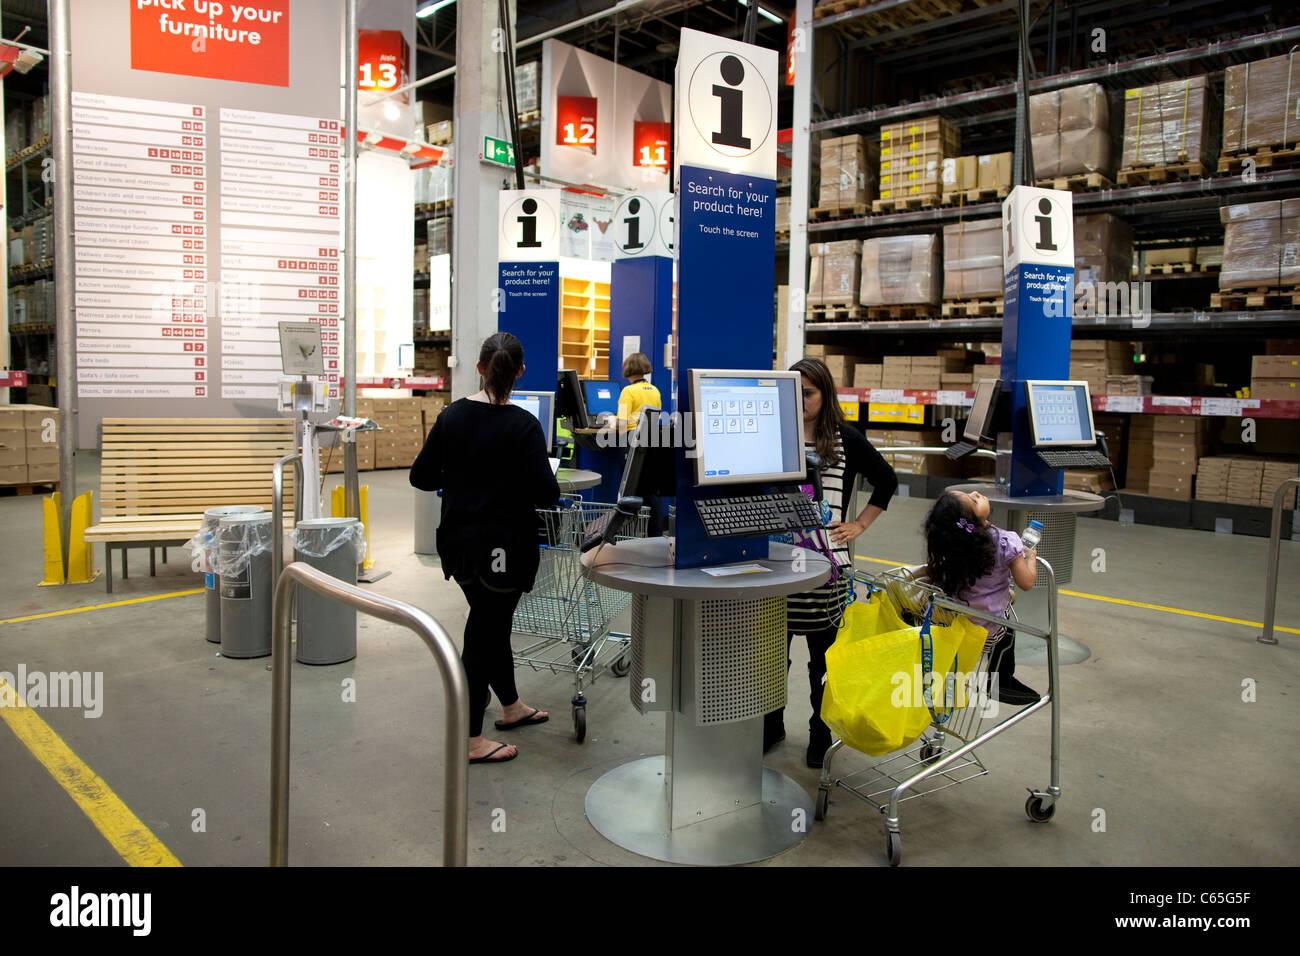 IKEA international predisposto per montaggio mobili compagnia, il più grande del mondo rivenditore arredamento, Immagini Stock